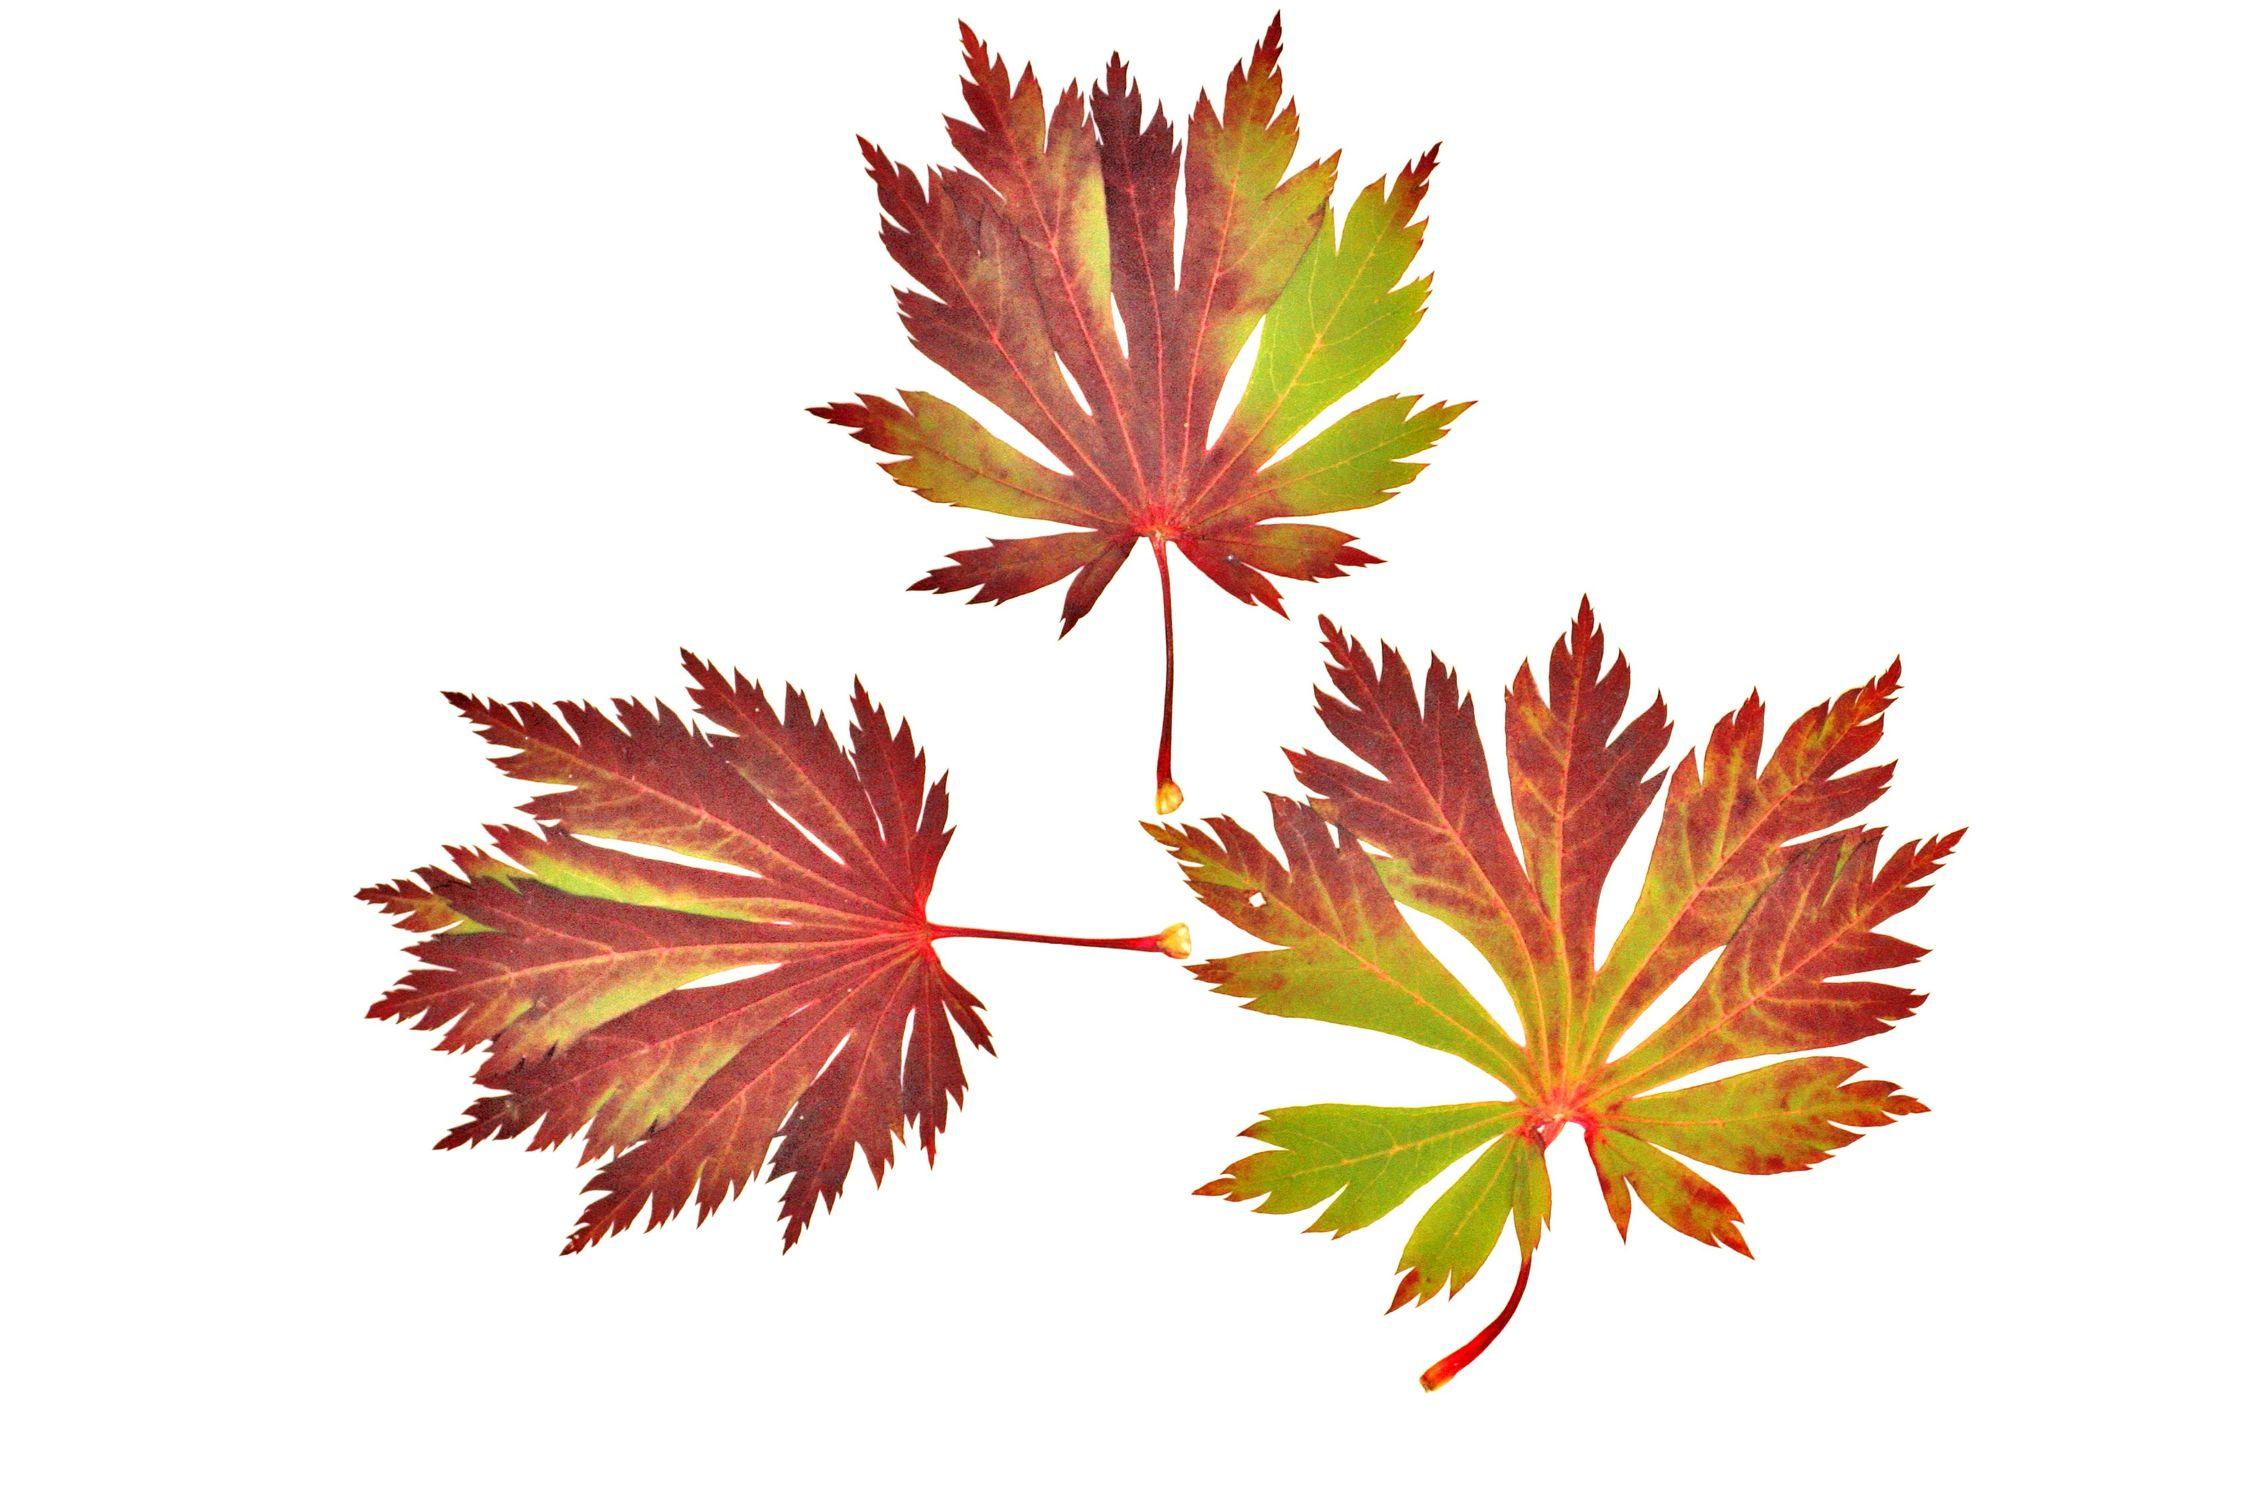 Bild mit Natur, Pflanzen, Bäume, Jahreszeiten, Blumen, Herbst